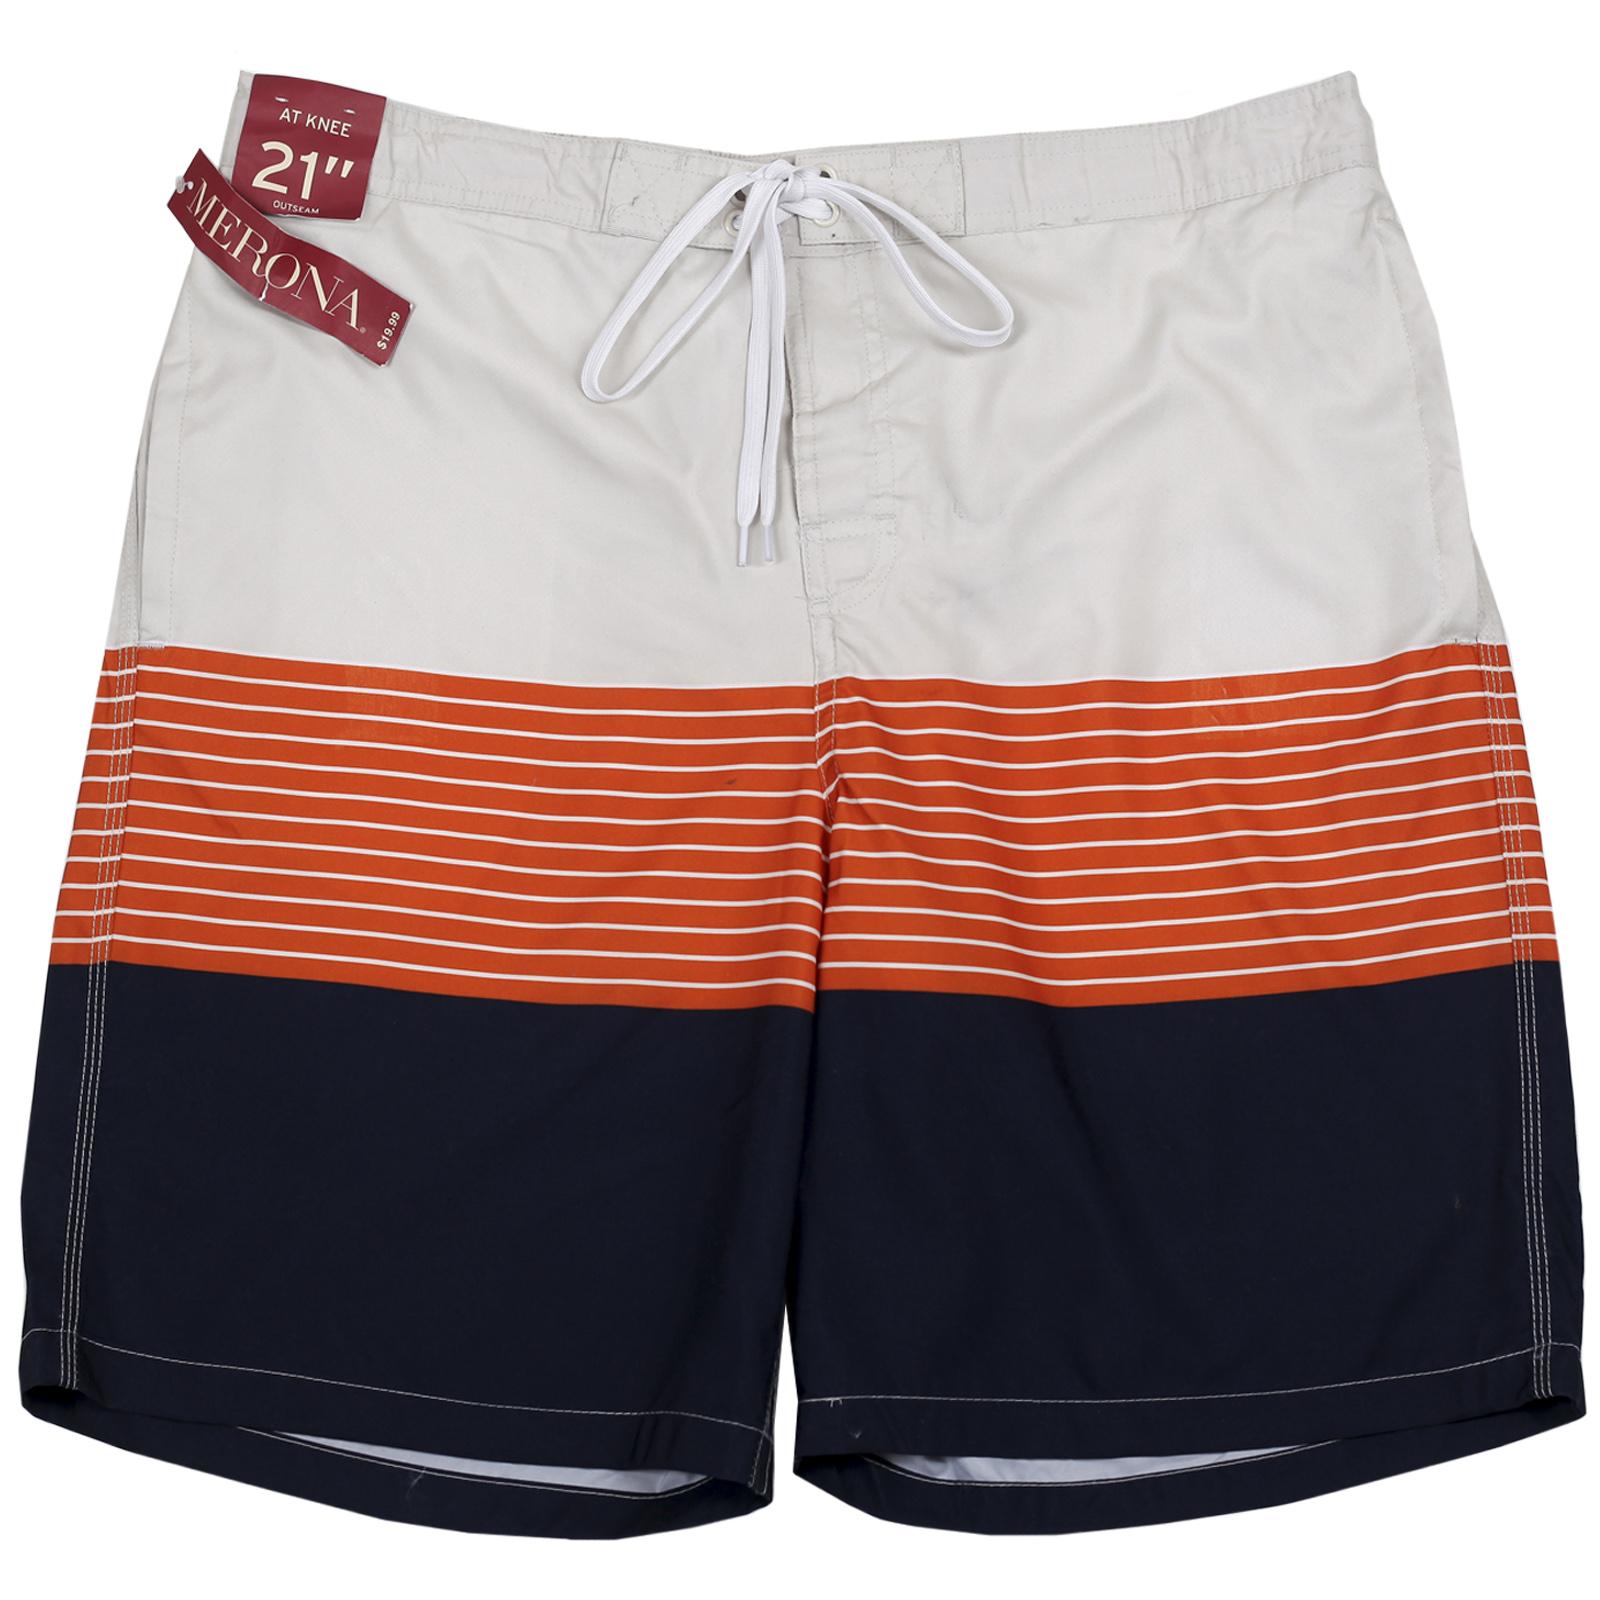 Пляжные шорты Merona. Стильная полоска, мягкая ткань